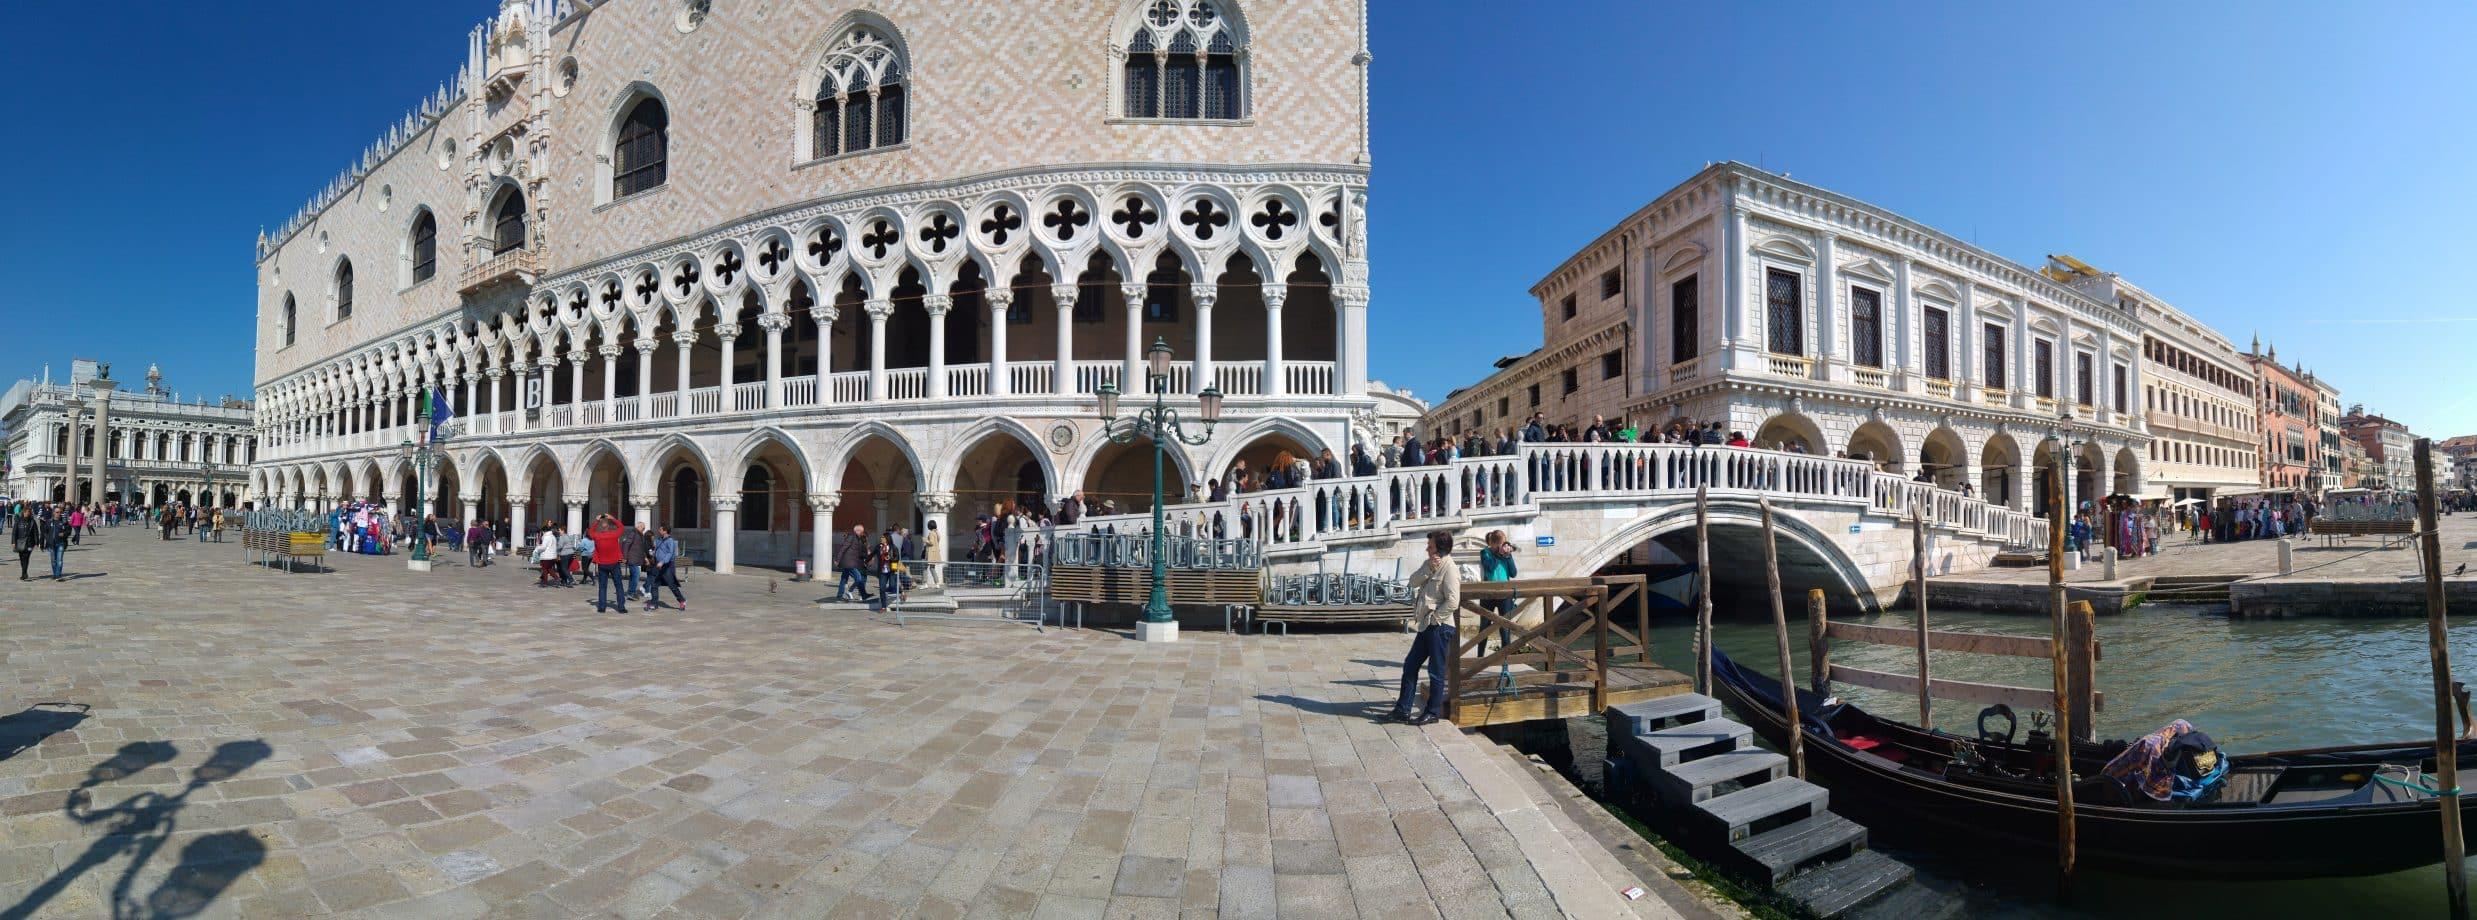 Venezia e le sue tradizioni